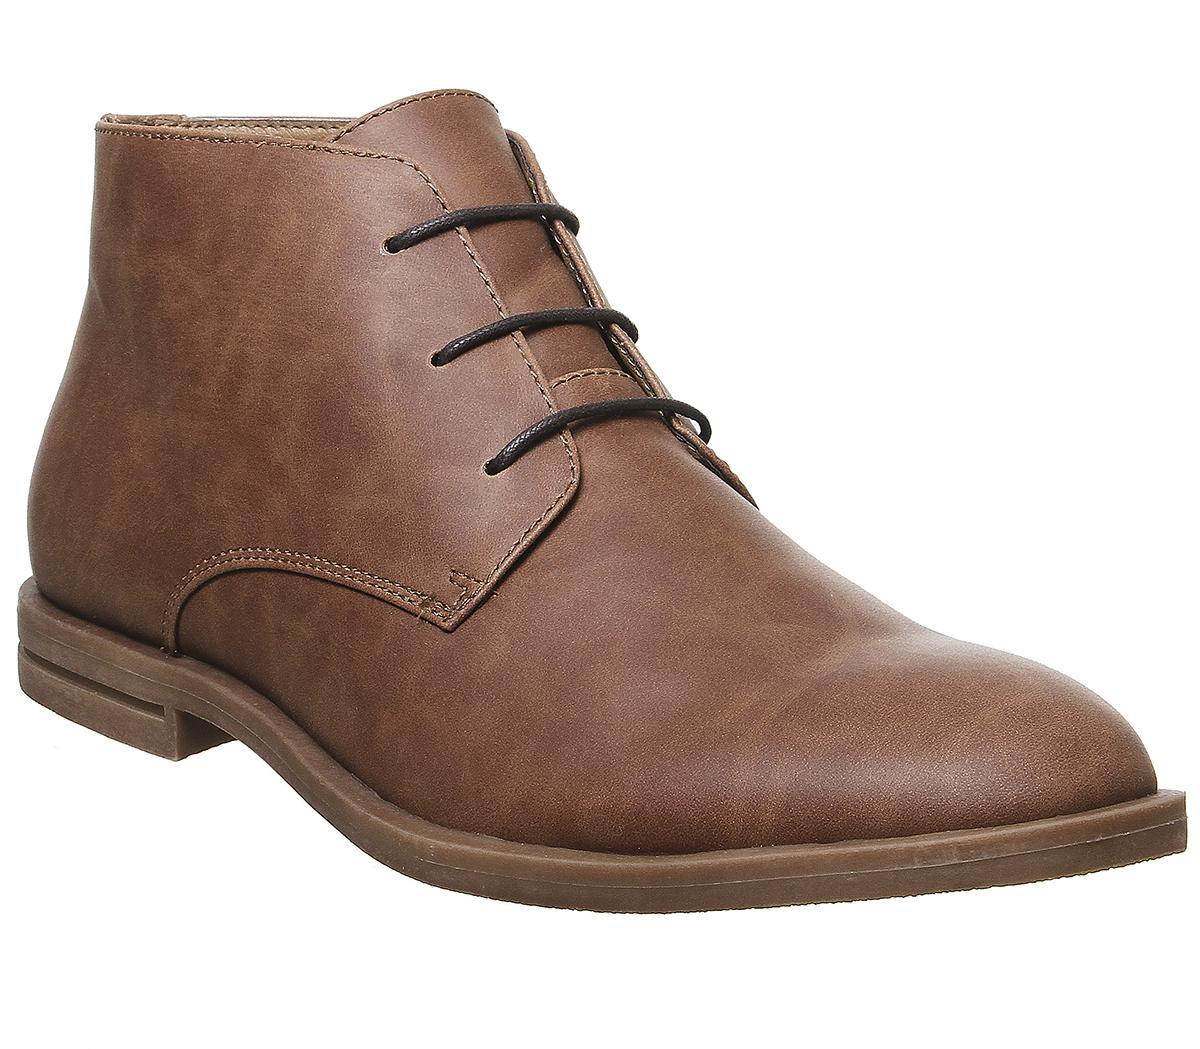 Brock Chukka Boots